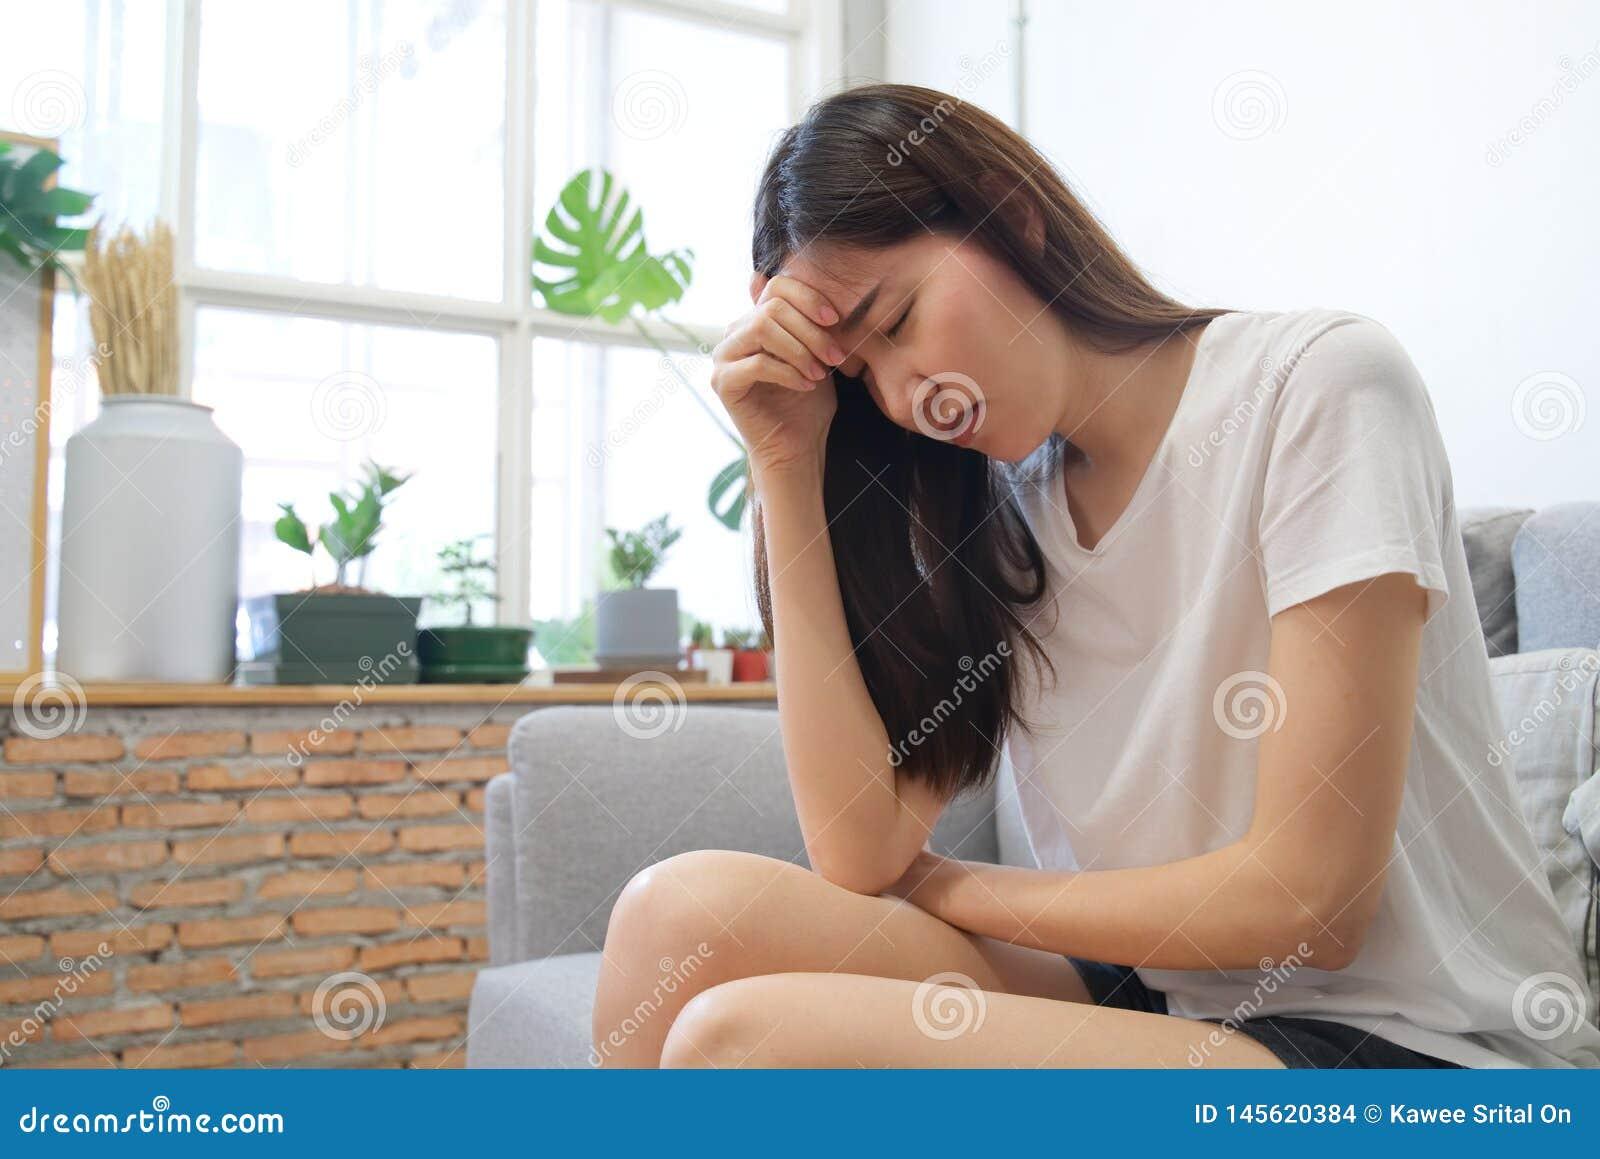 Mano en los templos de la muchacha asiática de la tristeza infeliz joven que se sienta en el sofá Ella está sintiendo no muy buen